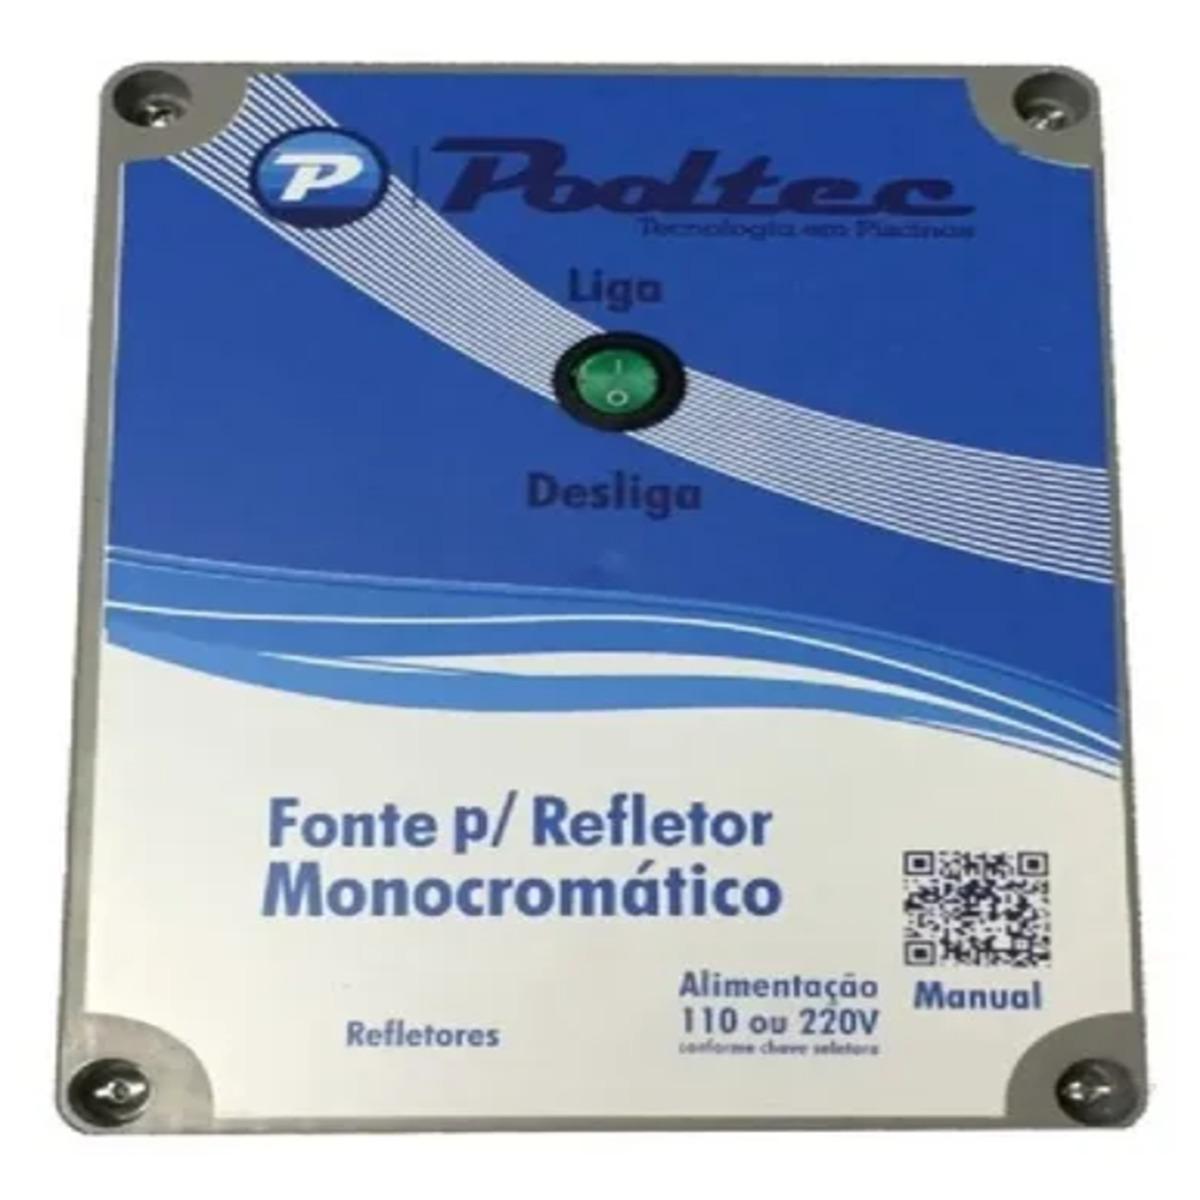 Fonte Eletronica Para iluminação subaquática Modelo P Pooltec